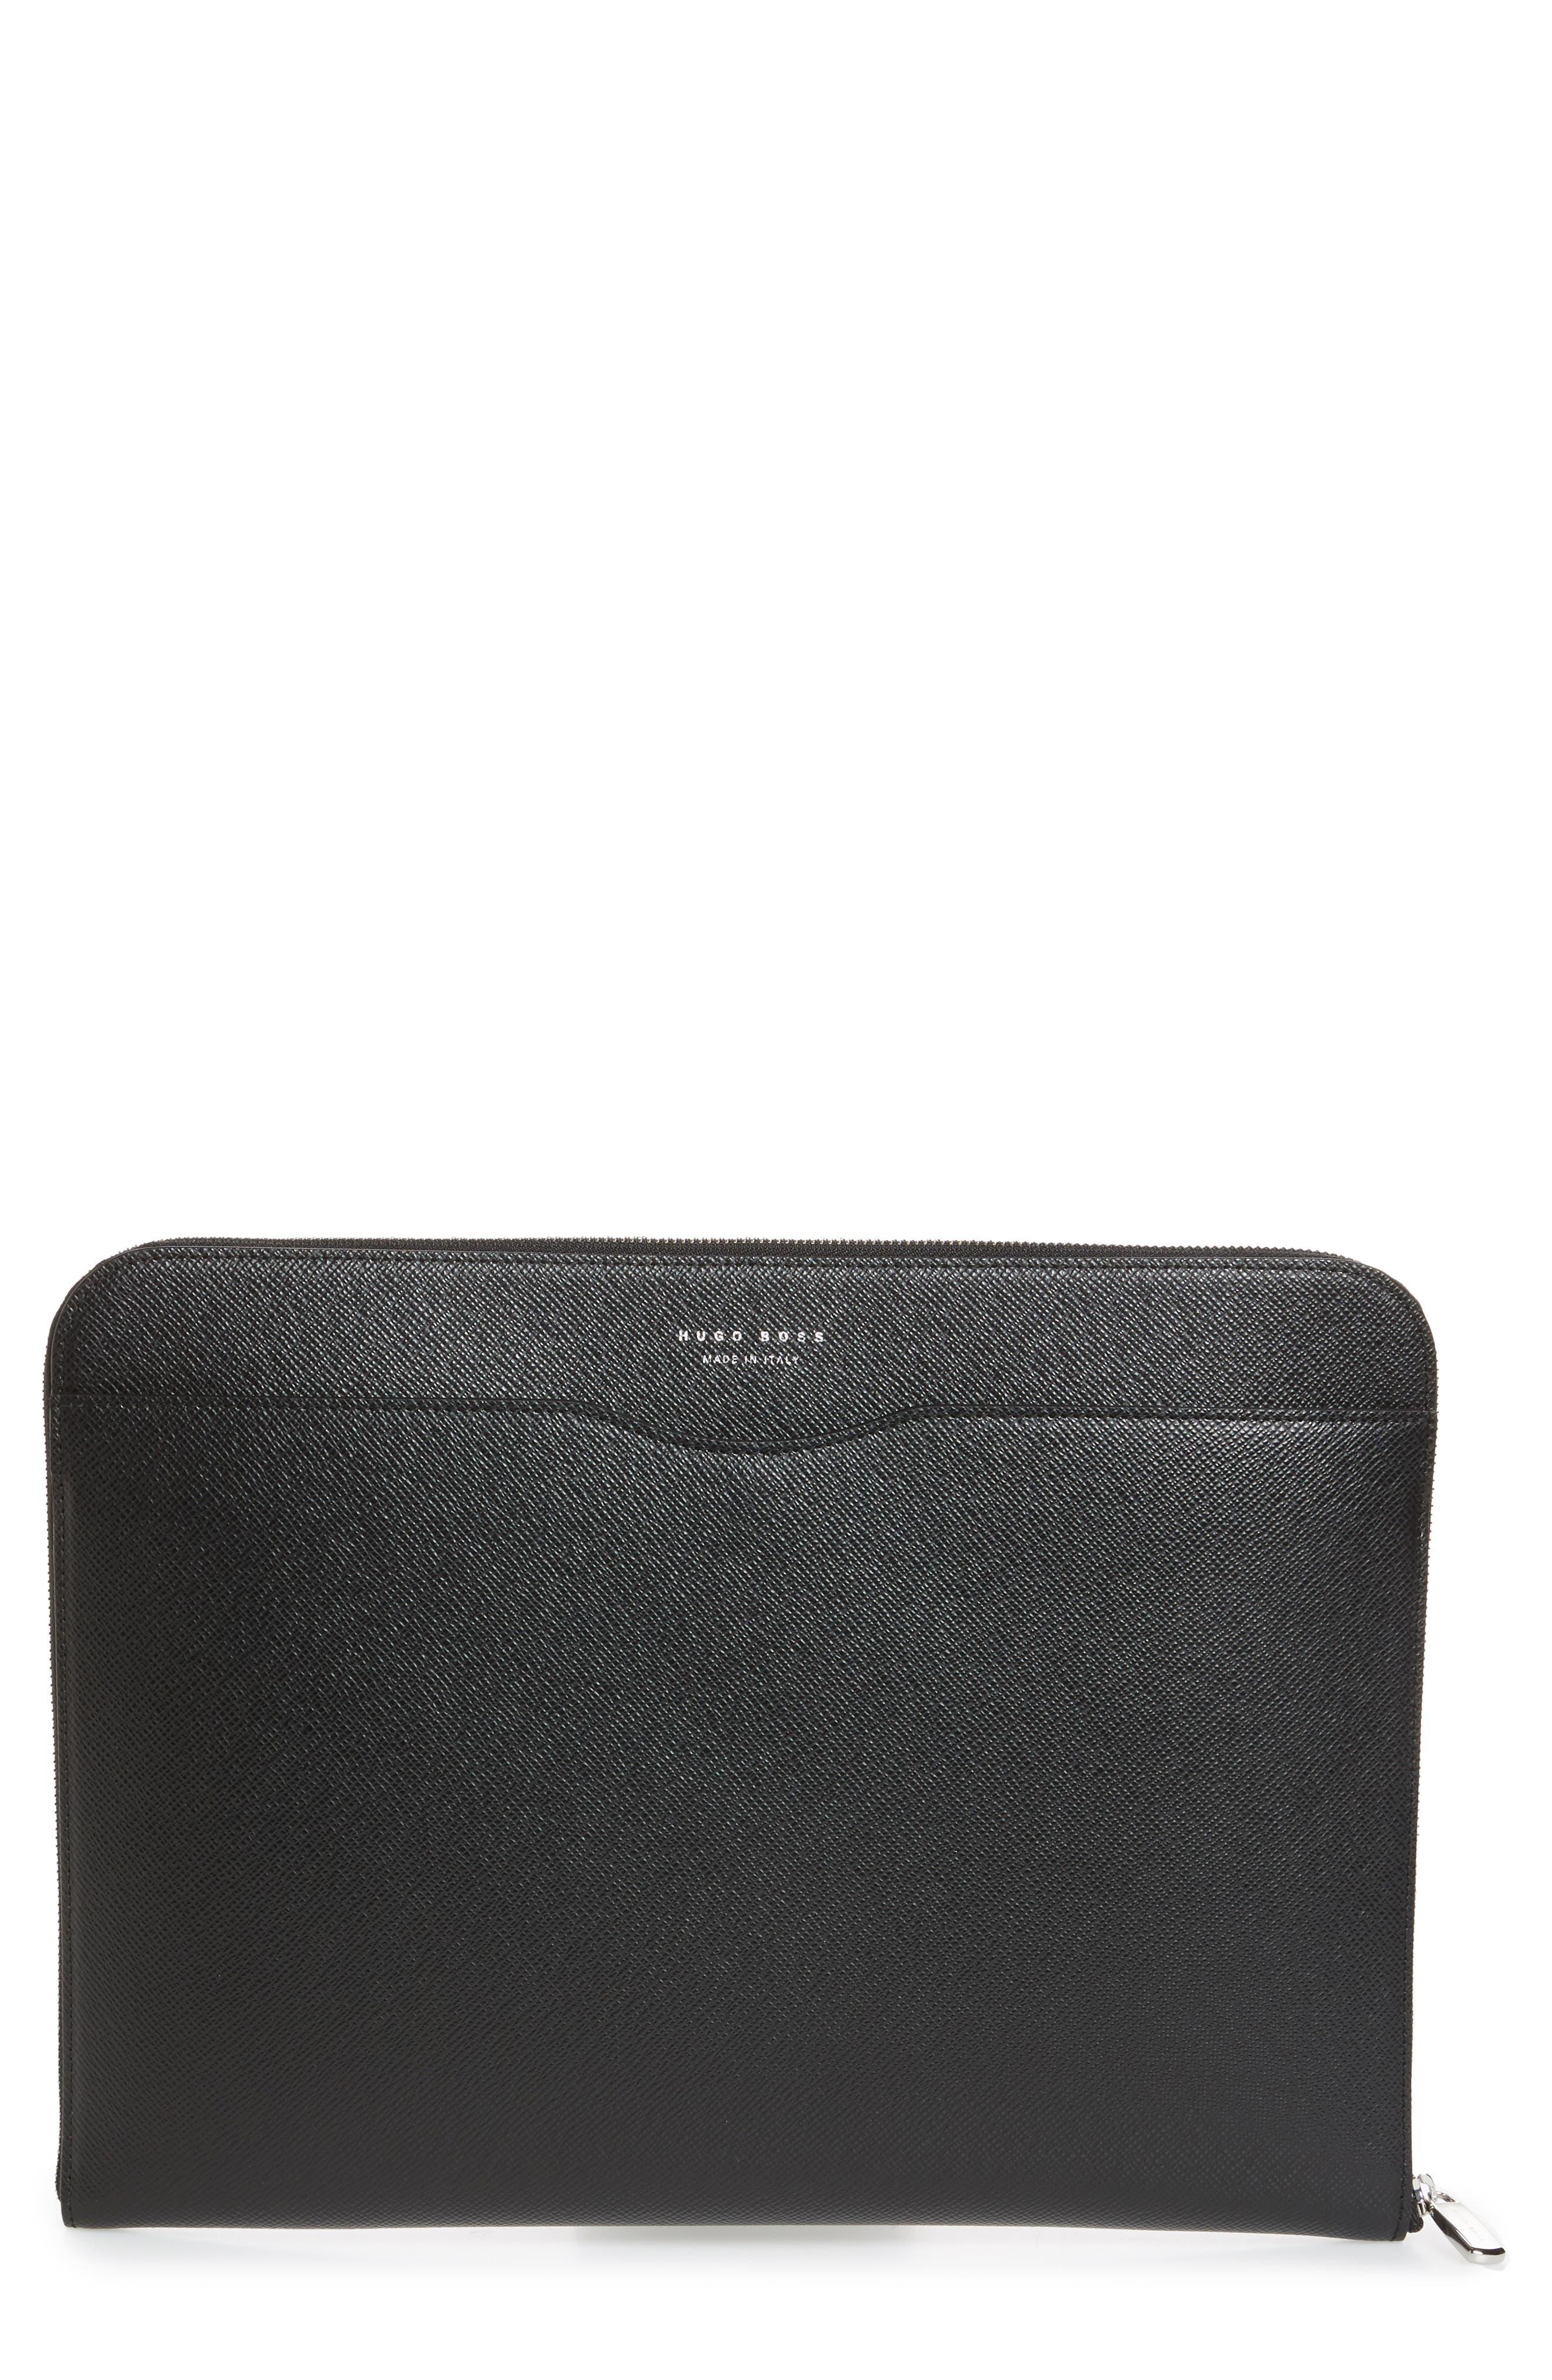 Signature Leather Portfolio,                         Main,                         color, Black